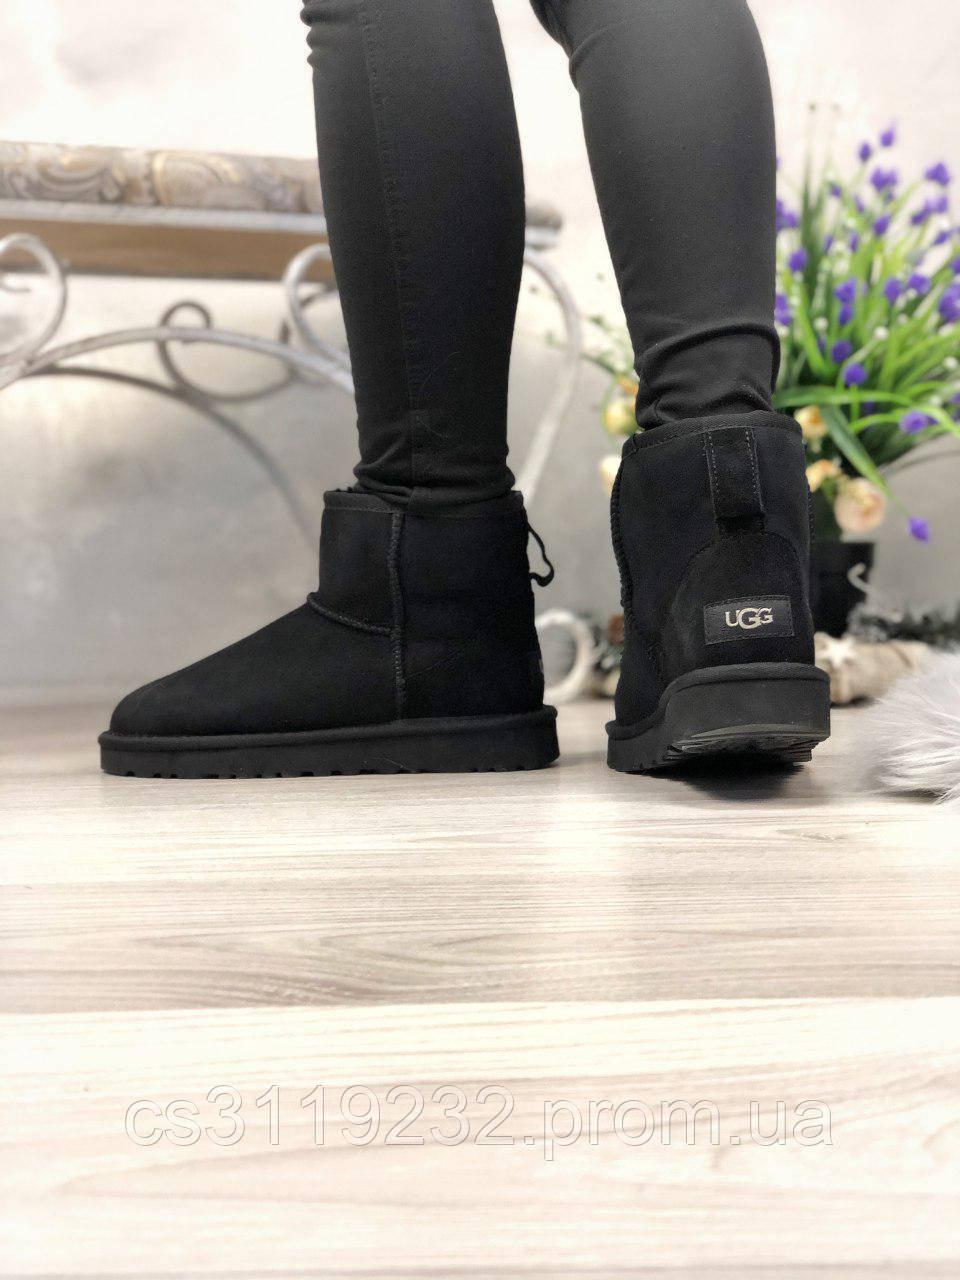 Жіночі чоботи зимові UGG Classic 2 Mini Black (чорний)